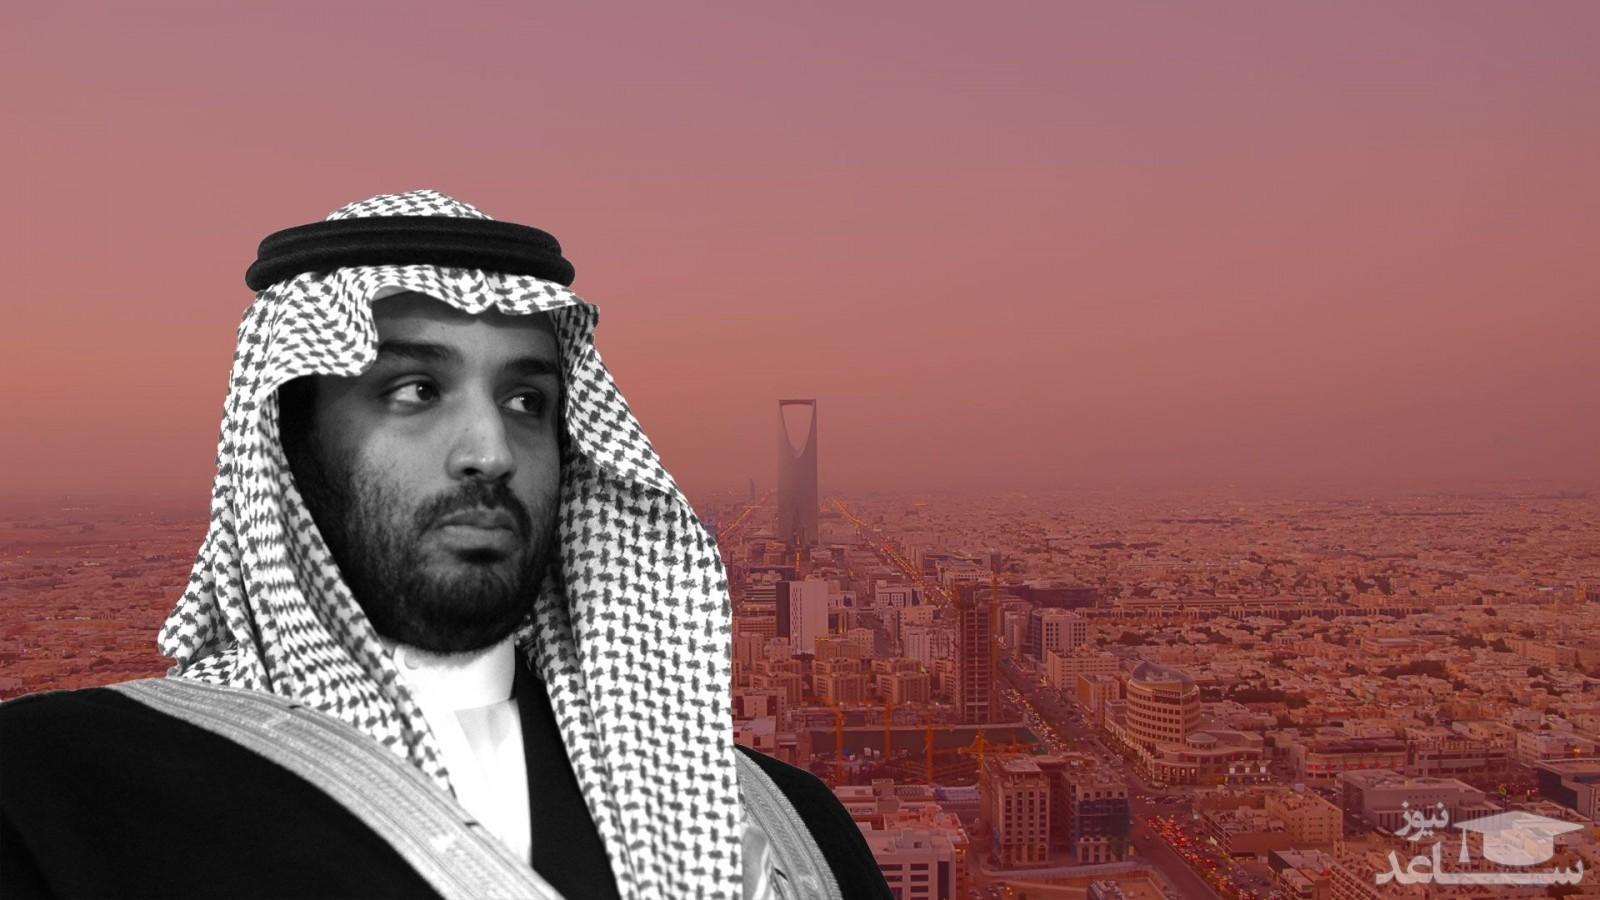 تصمیم جنجالی عربستان سعودی در «مدینه»